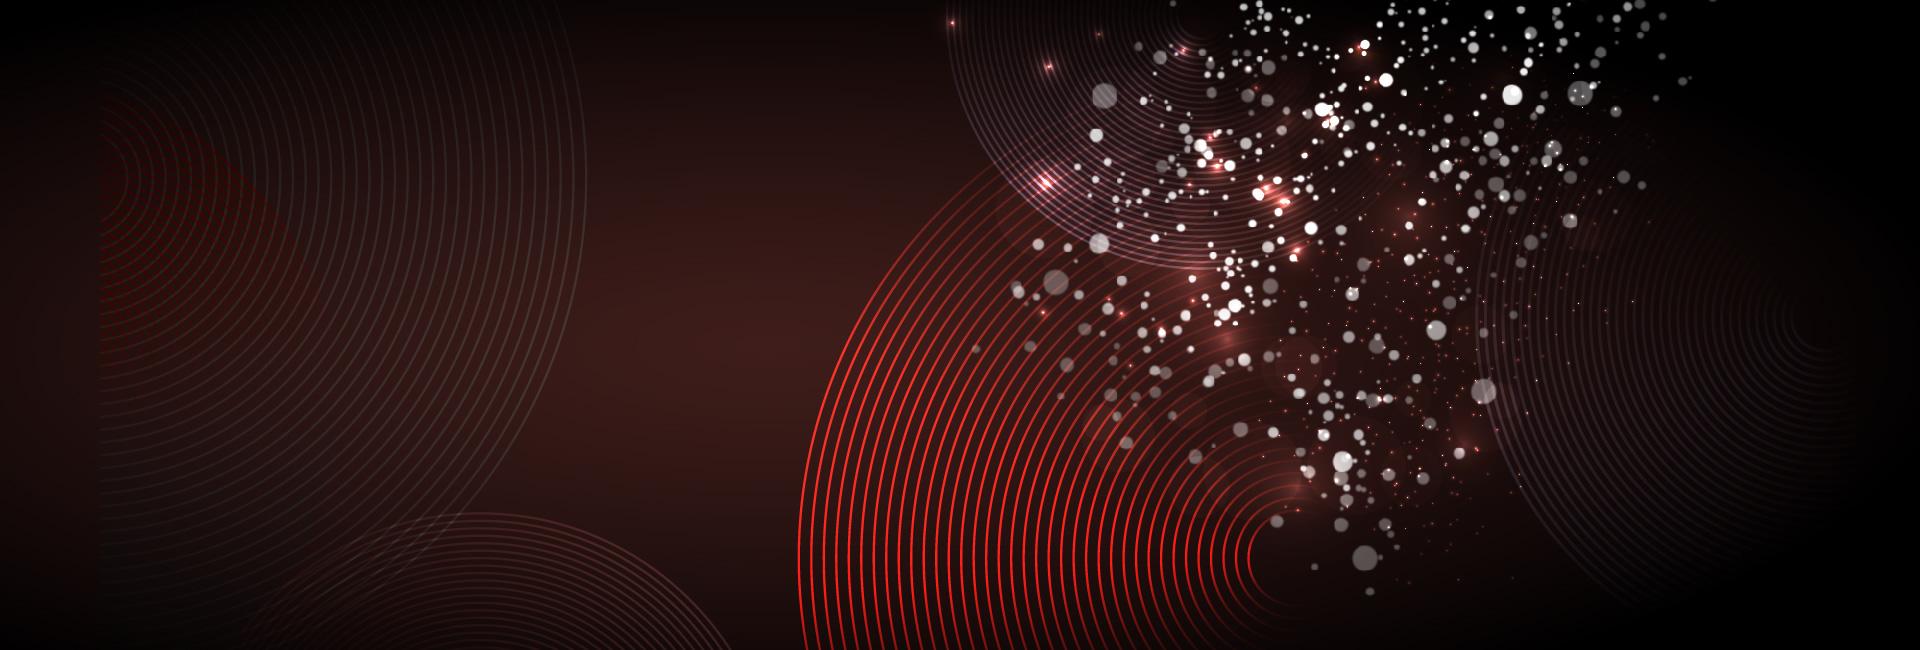 Estrellas-Burbujas_190906-web